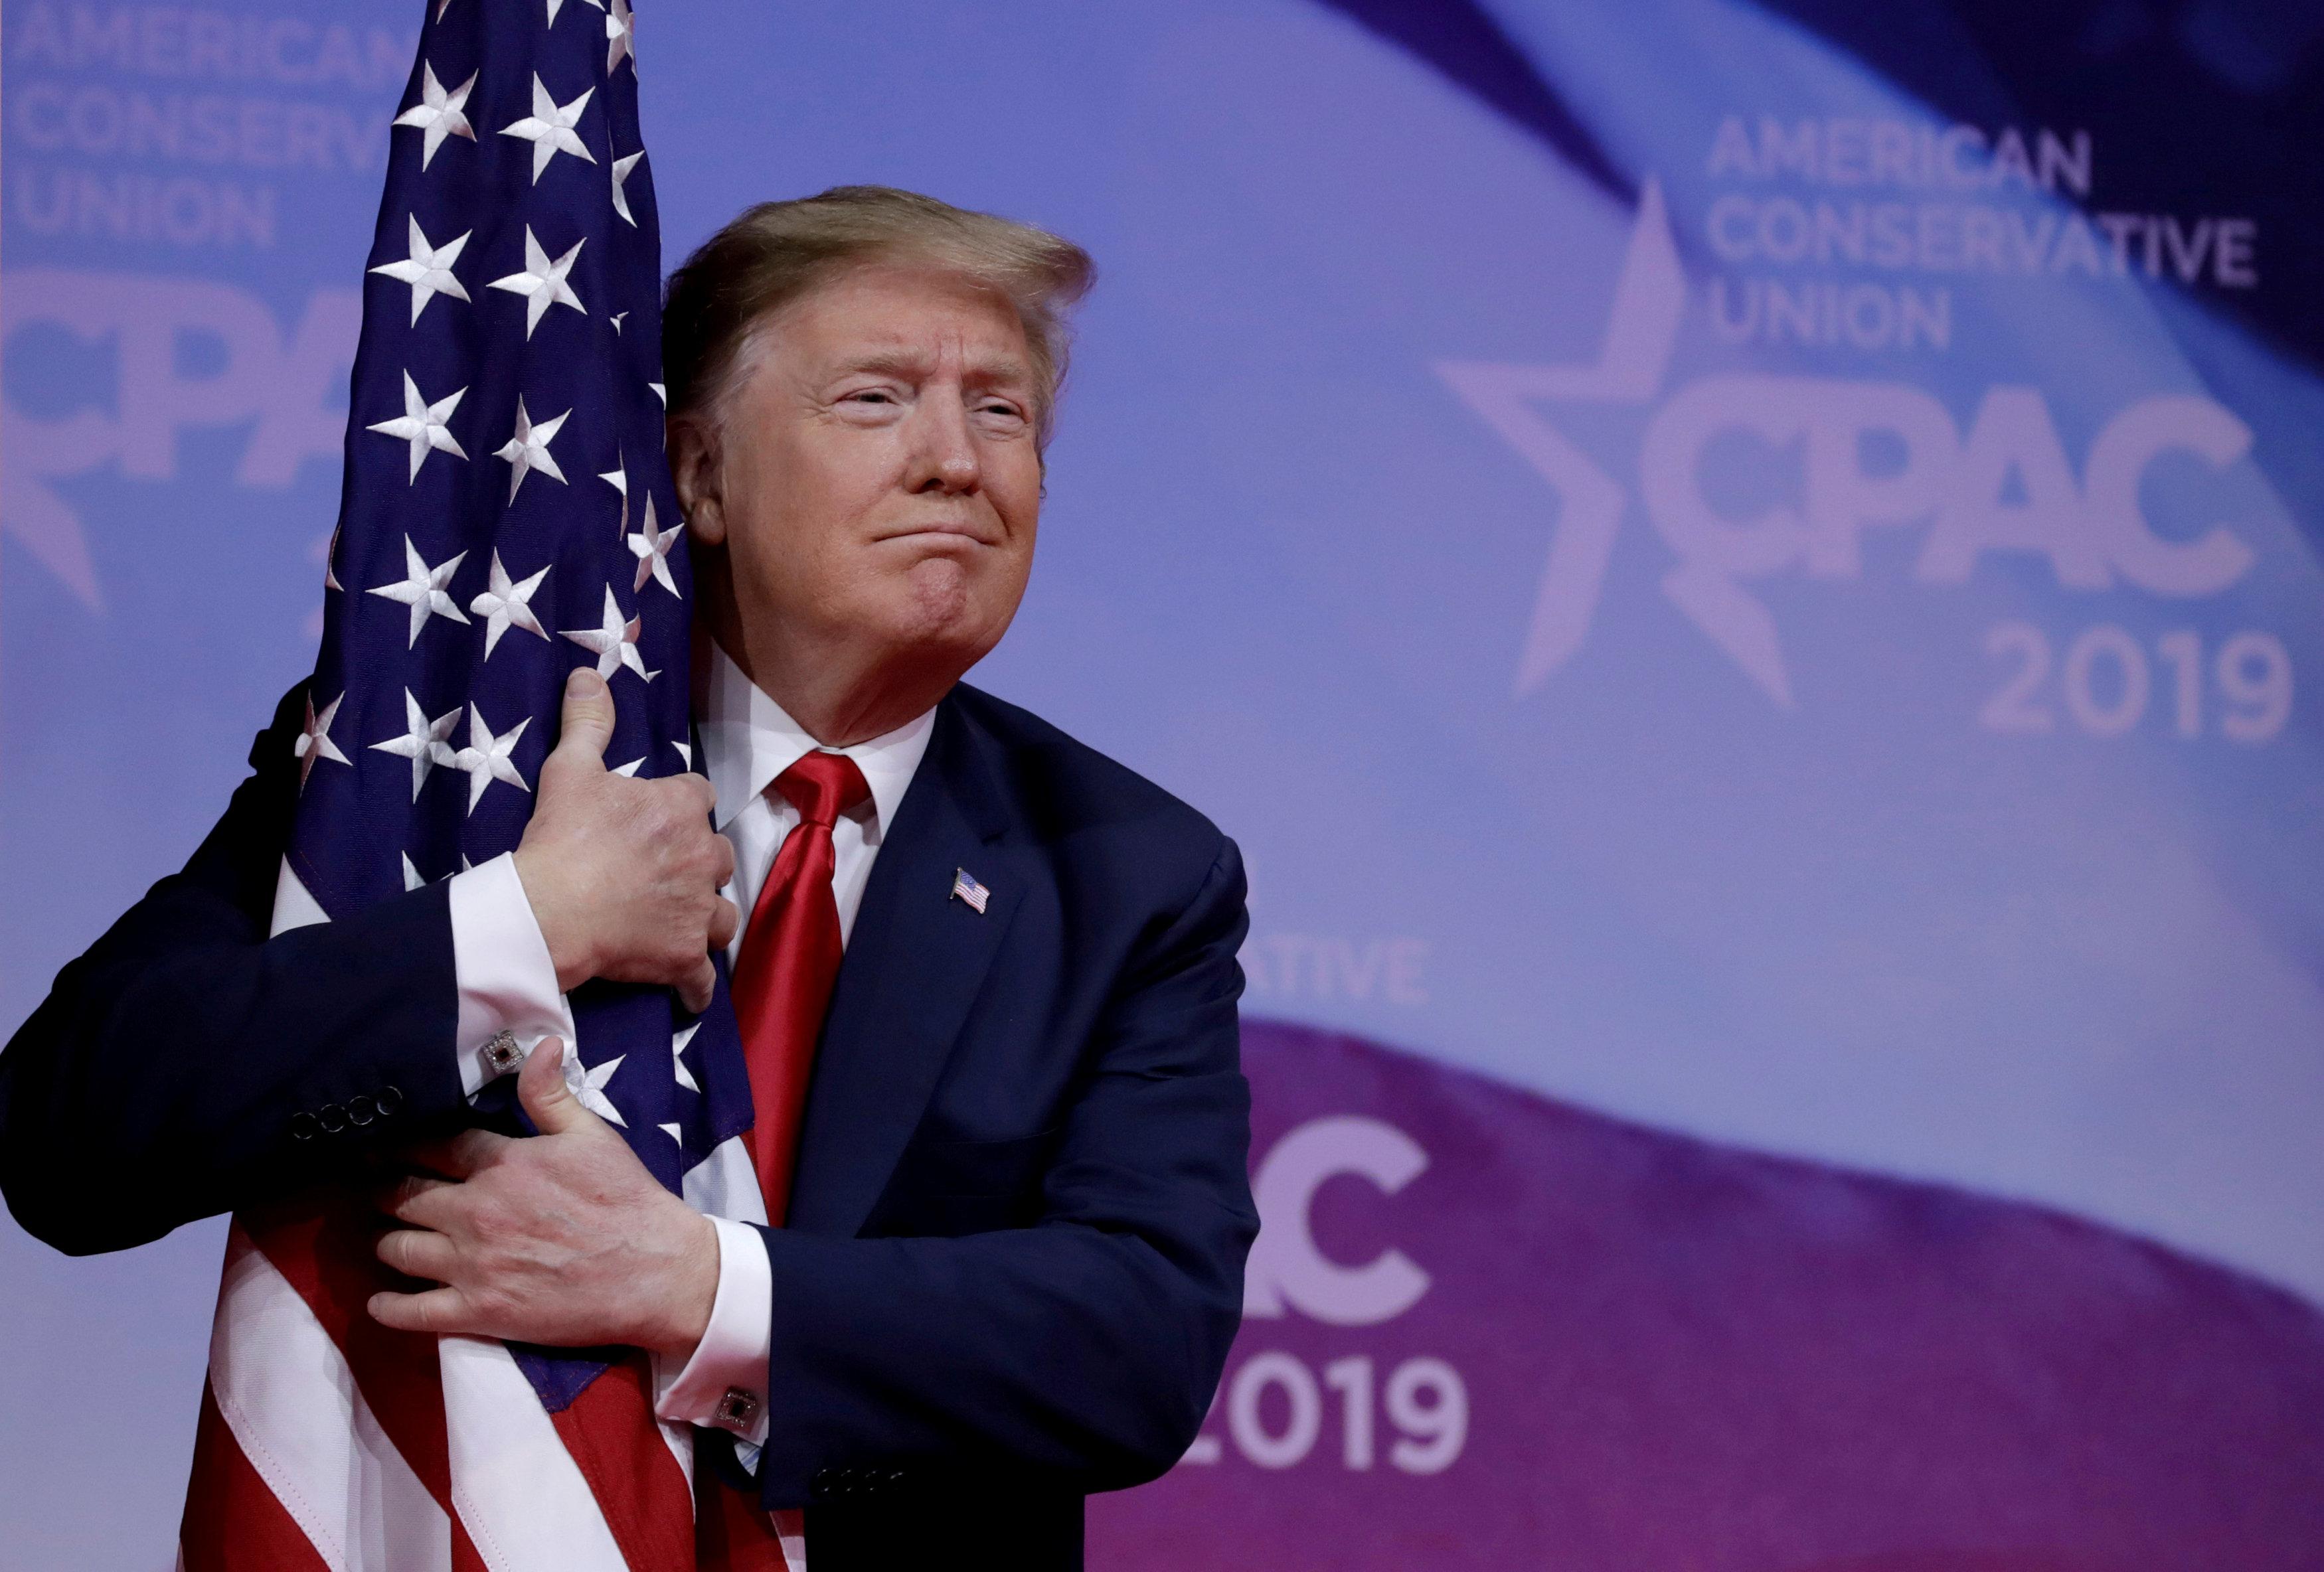 الرئيس دونالد ترمب معانقاً العلم الأميركي (رويترز)